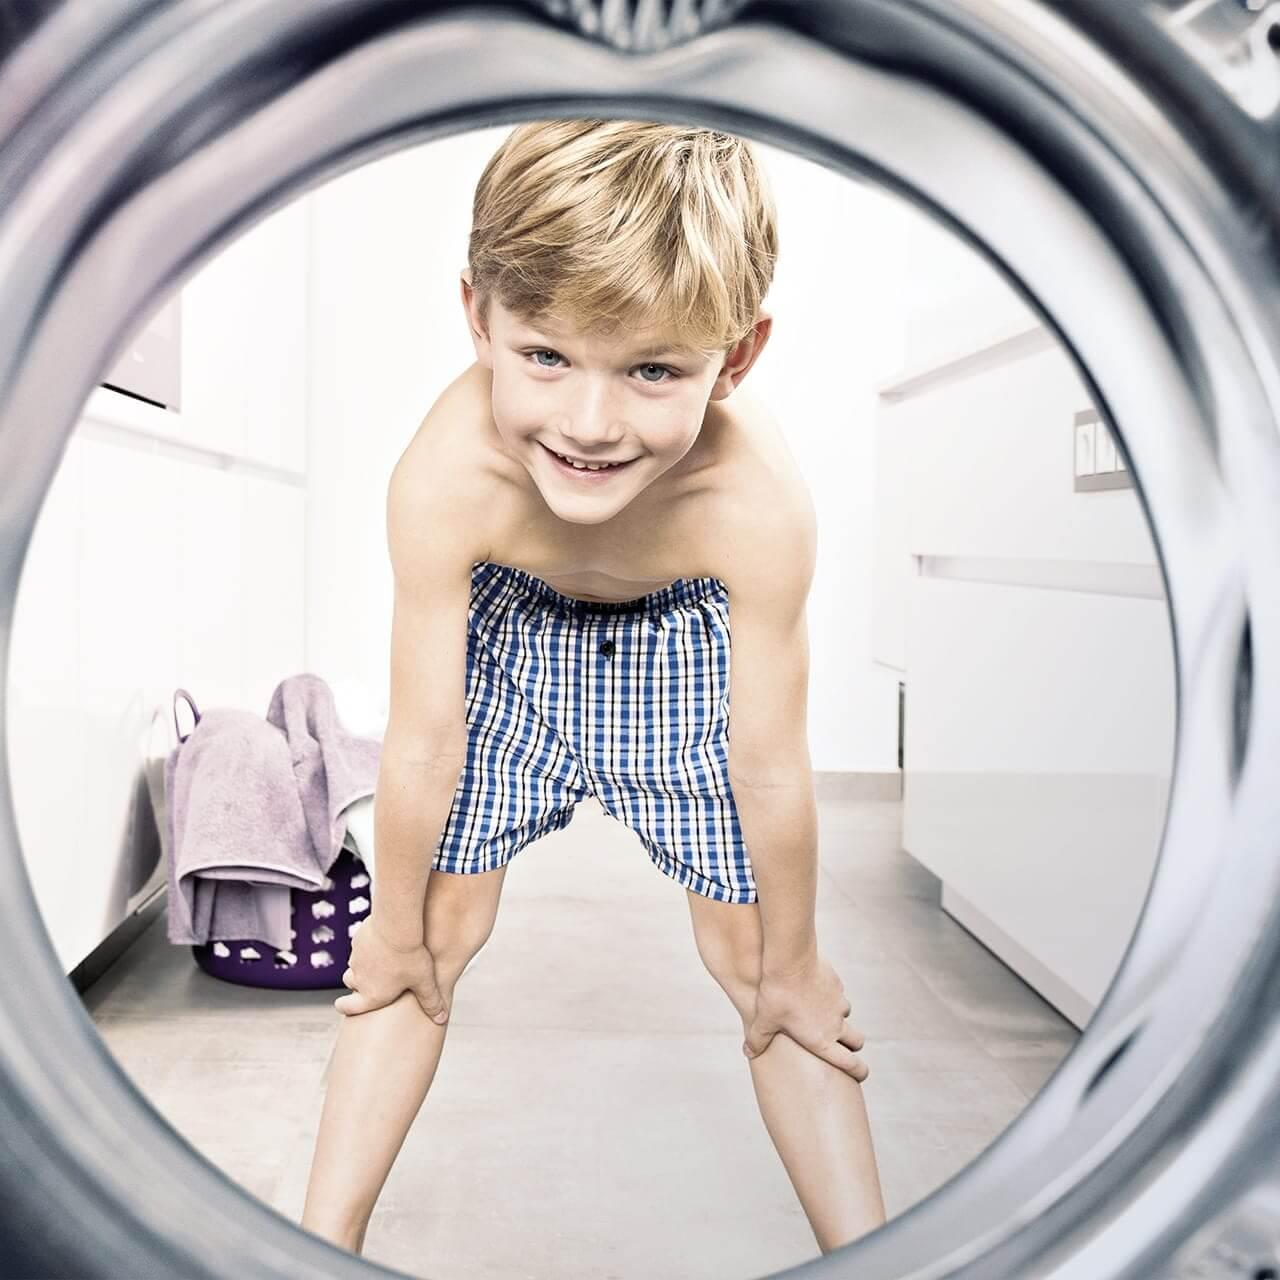 Filtre Piscine Lave Vaisselle les effets du calcaire sur le lave-linge - bwt